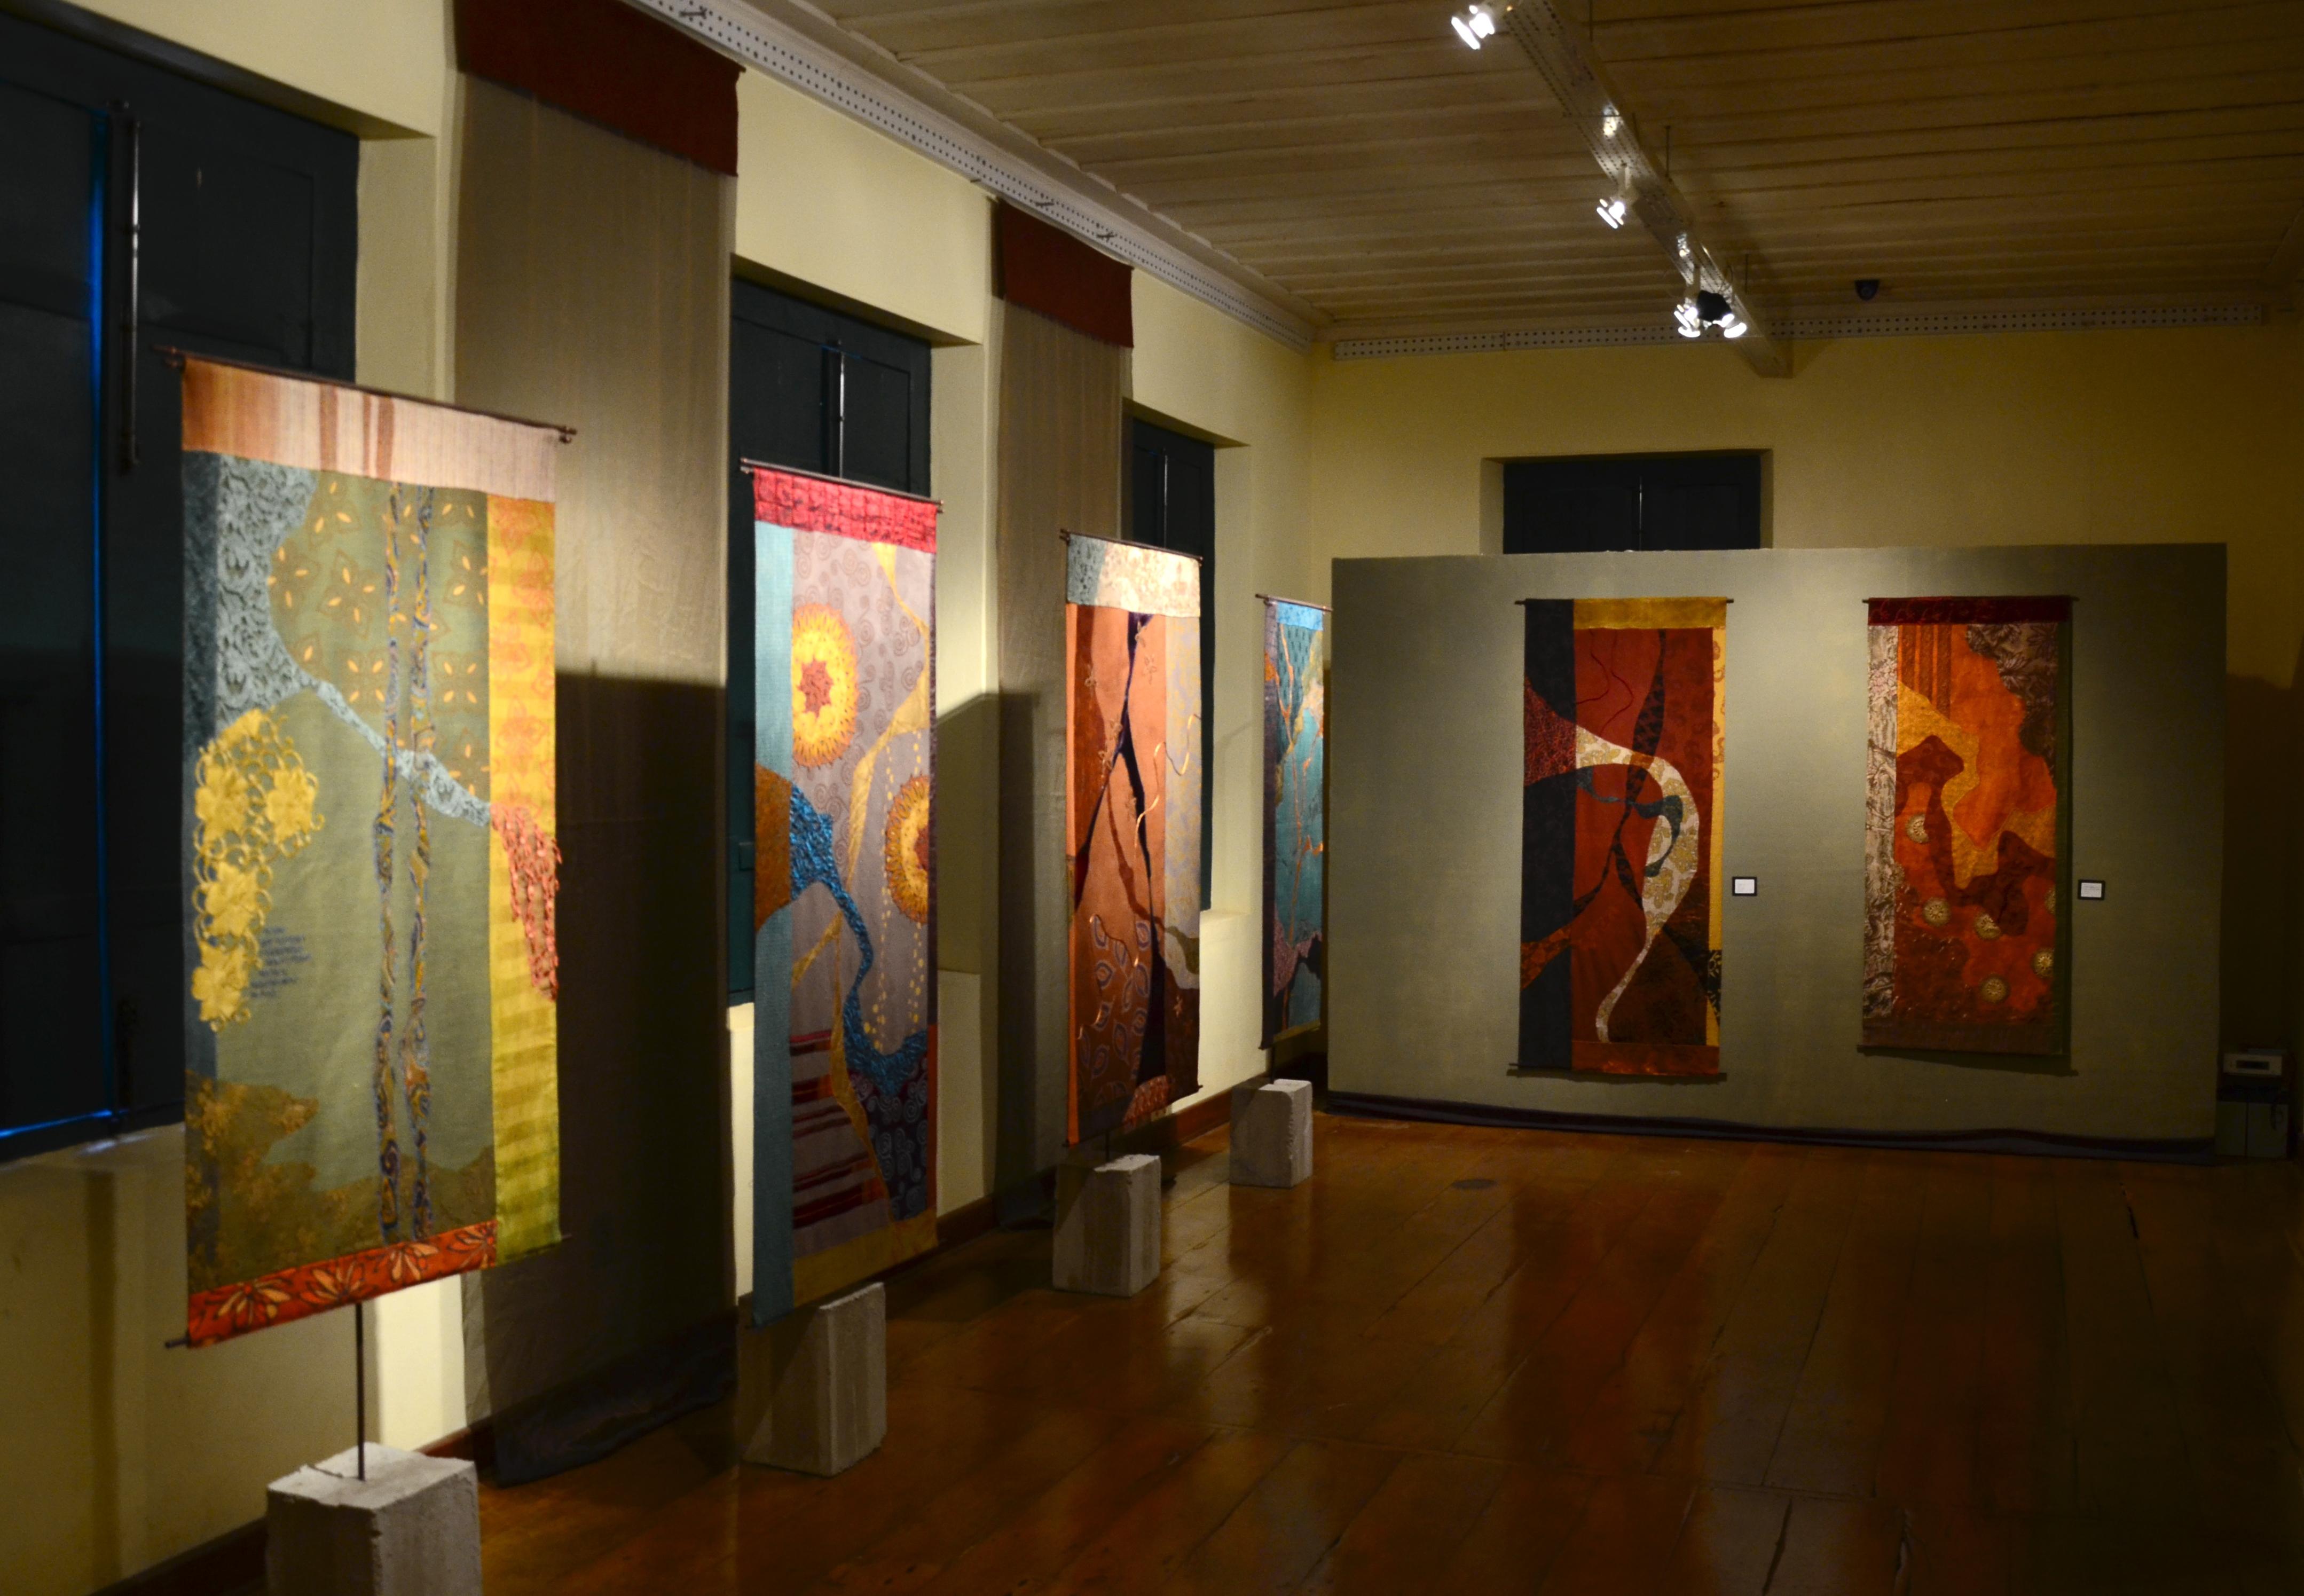 exposição Casa da Cultura Miguel Reale novembro de 2014 (2)